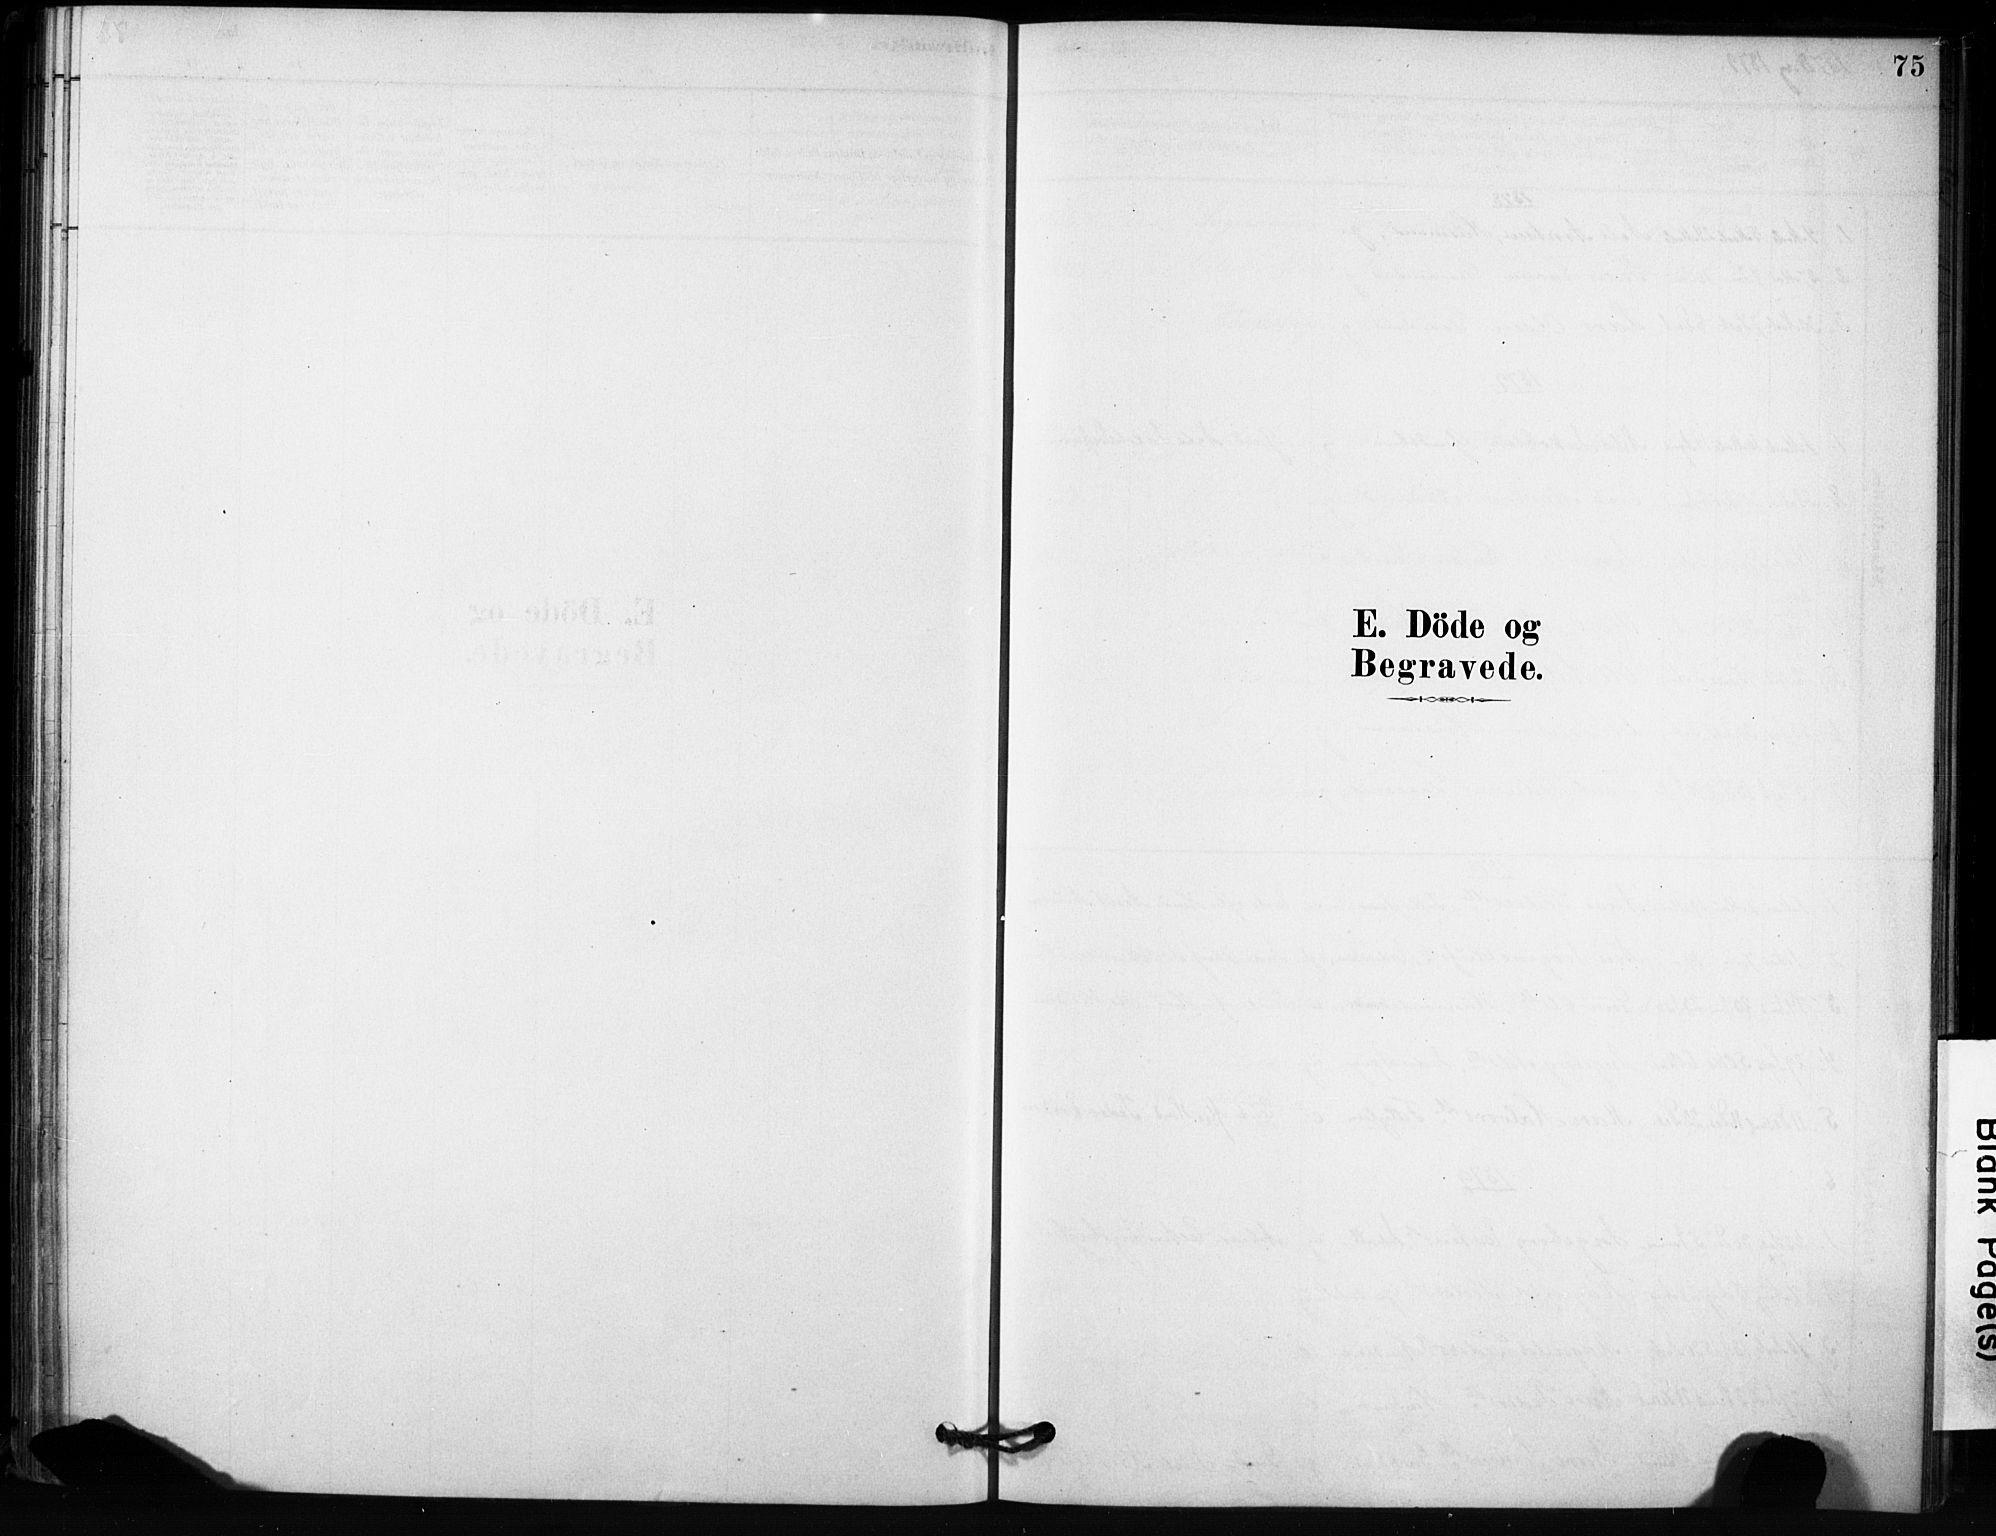 SAT, Ministerialprotokoller, klokkerbøker og fødselsregistre - Sør-Trøndelag, 666/L0786: Ministerialbok nr. 666A04, 1878-1895, s. 75